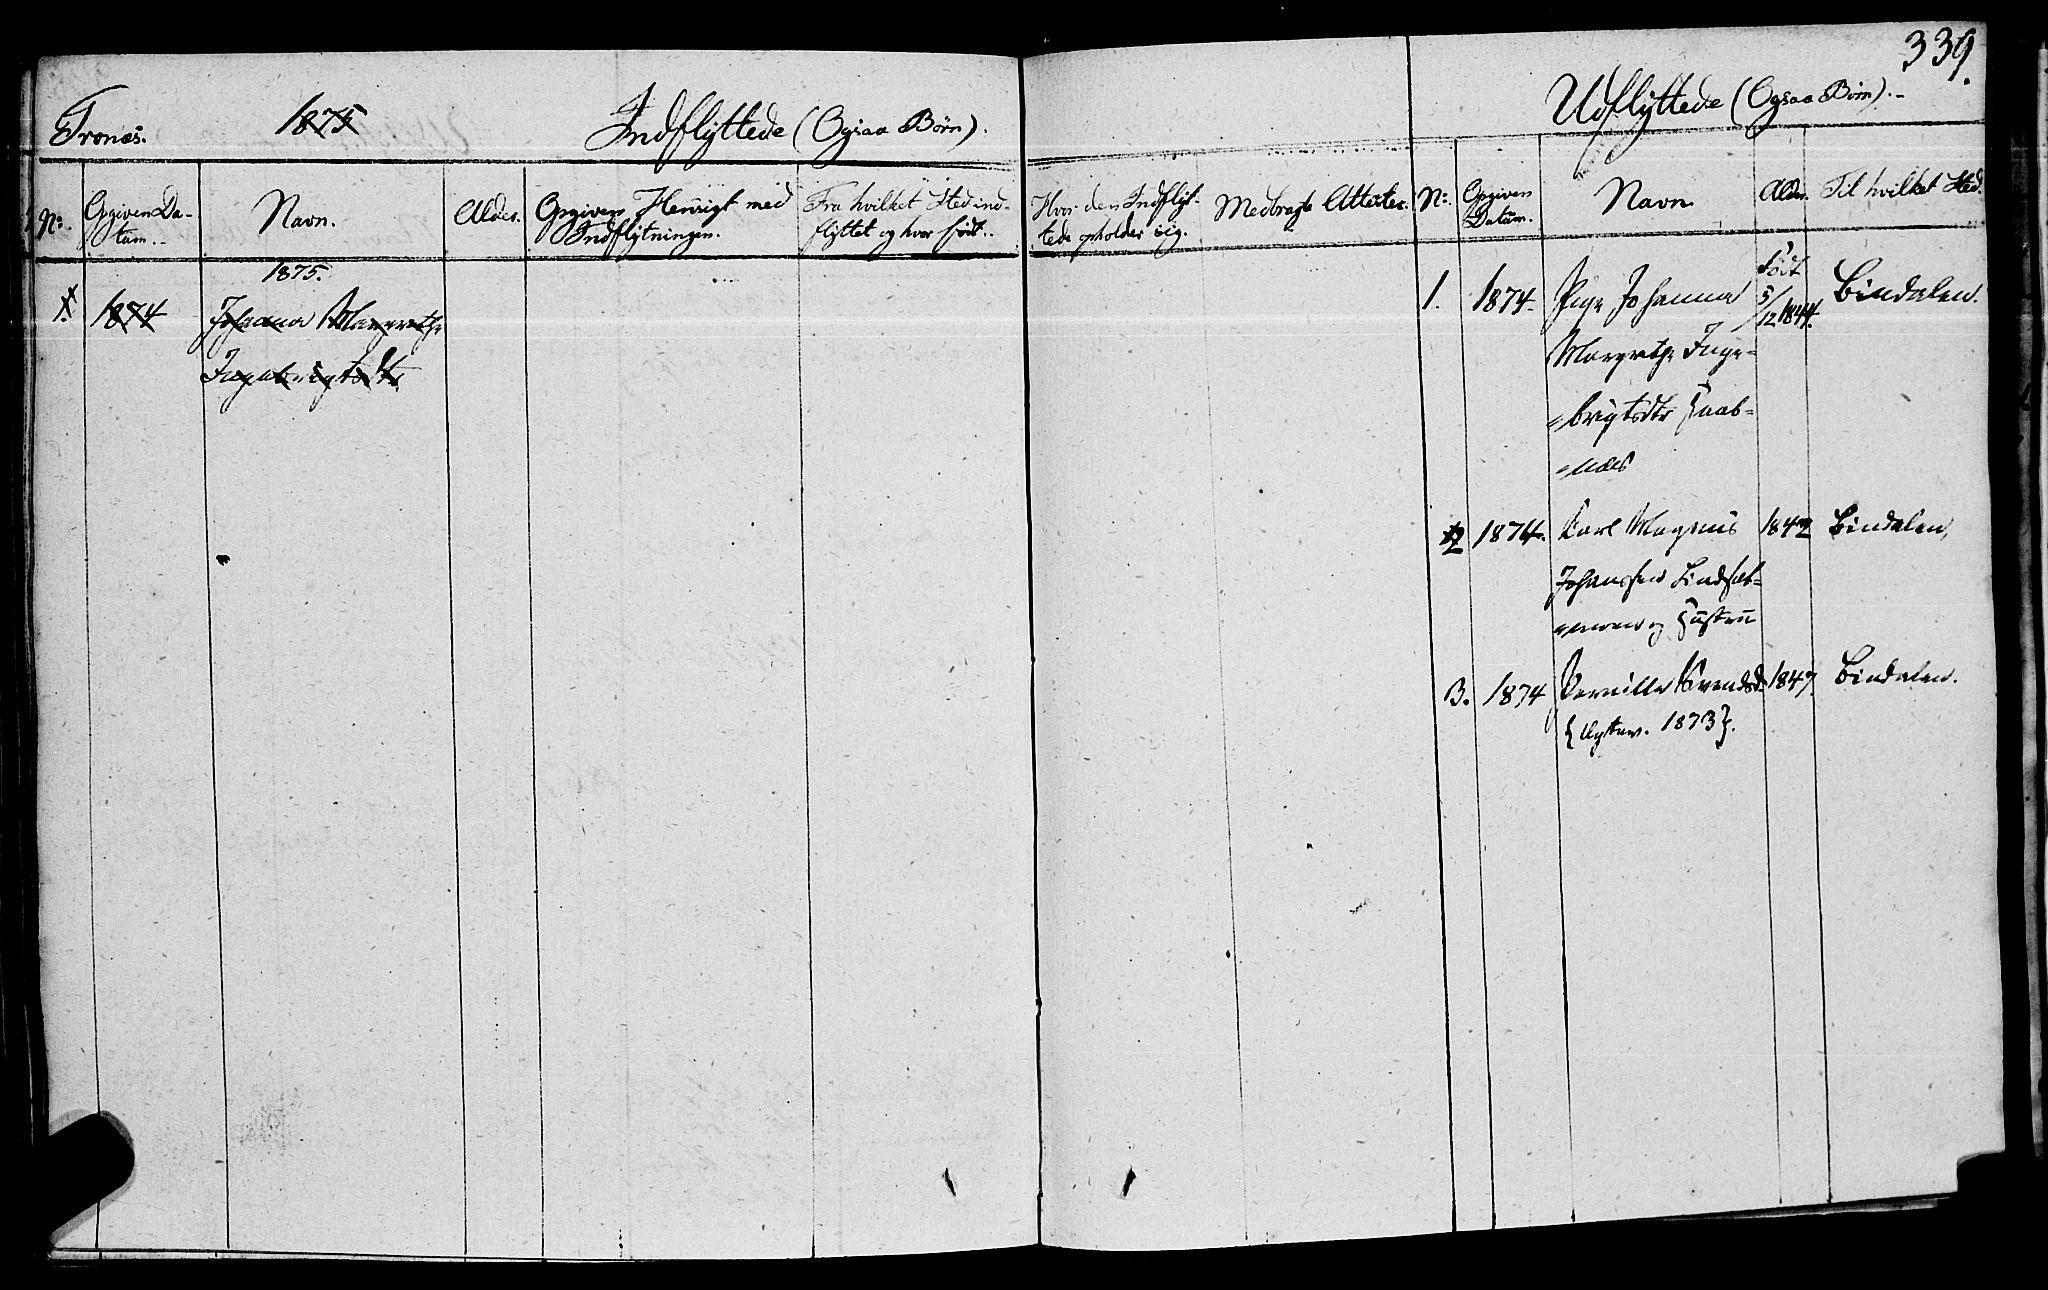 SAT, Ministerialprotokoller, klokkerbøker og fødselsregistre - Nord-Trøndelag, 762/L0538: Ministerialbok nr. 762A02 /2, 1833-1879, s. 339